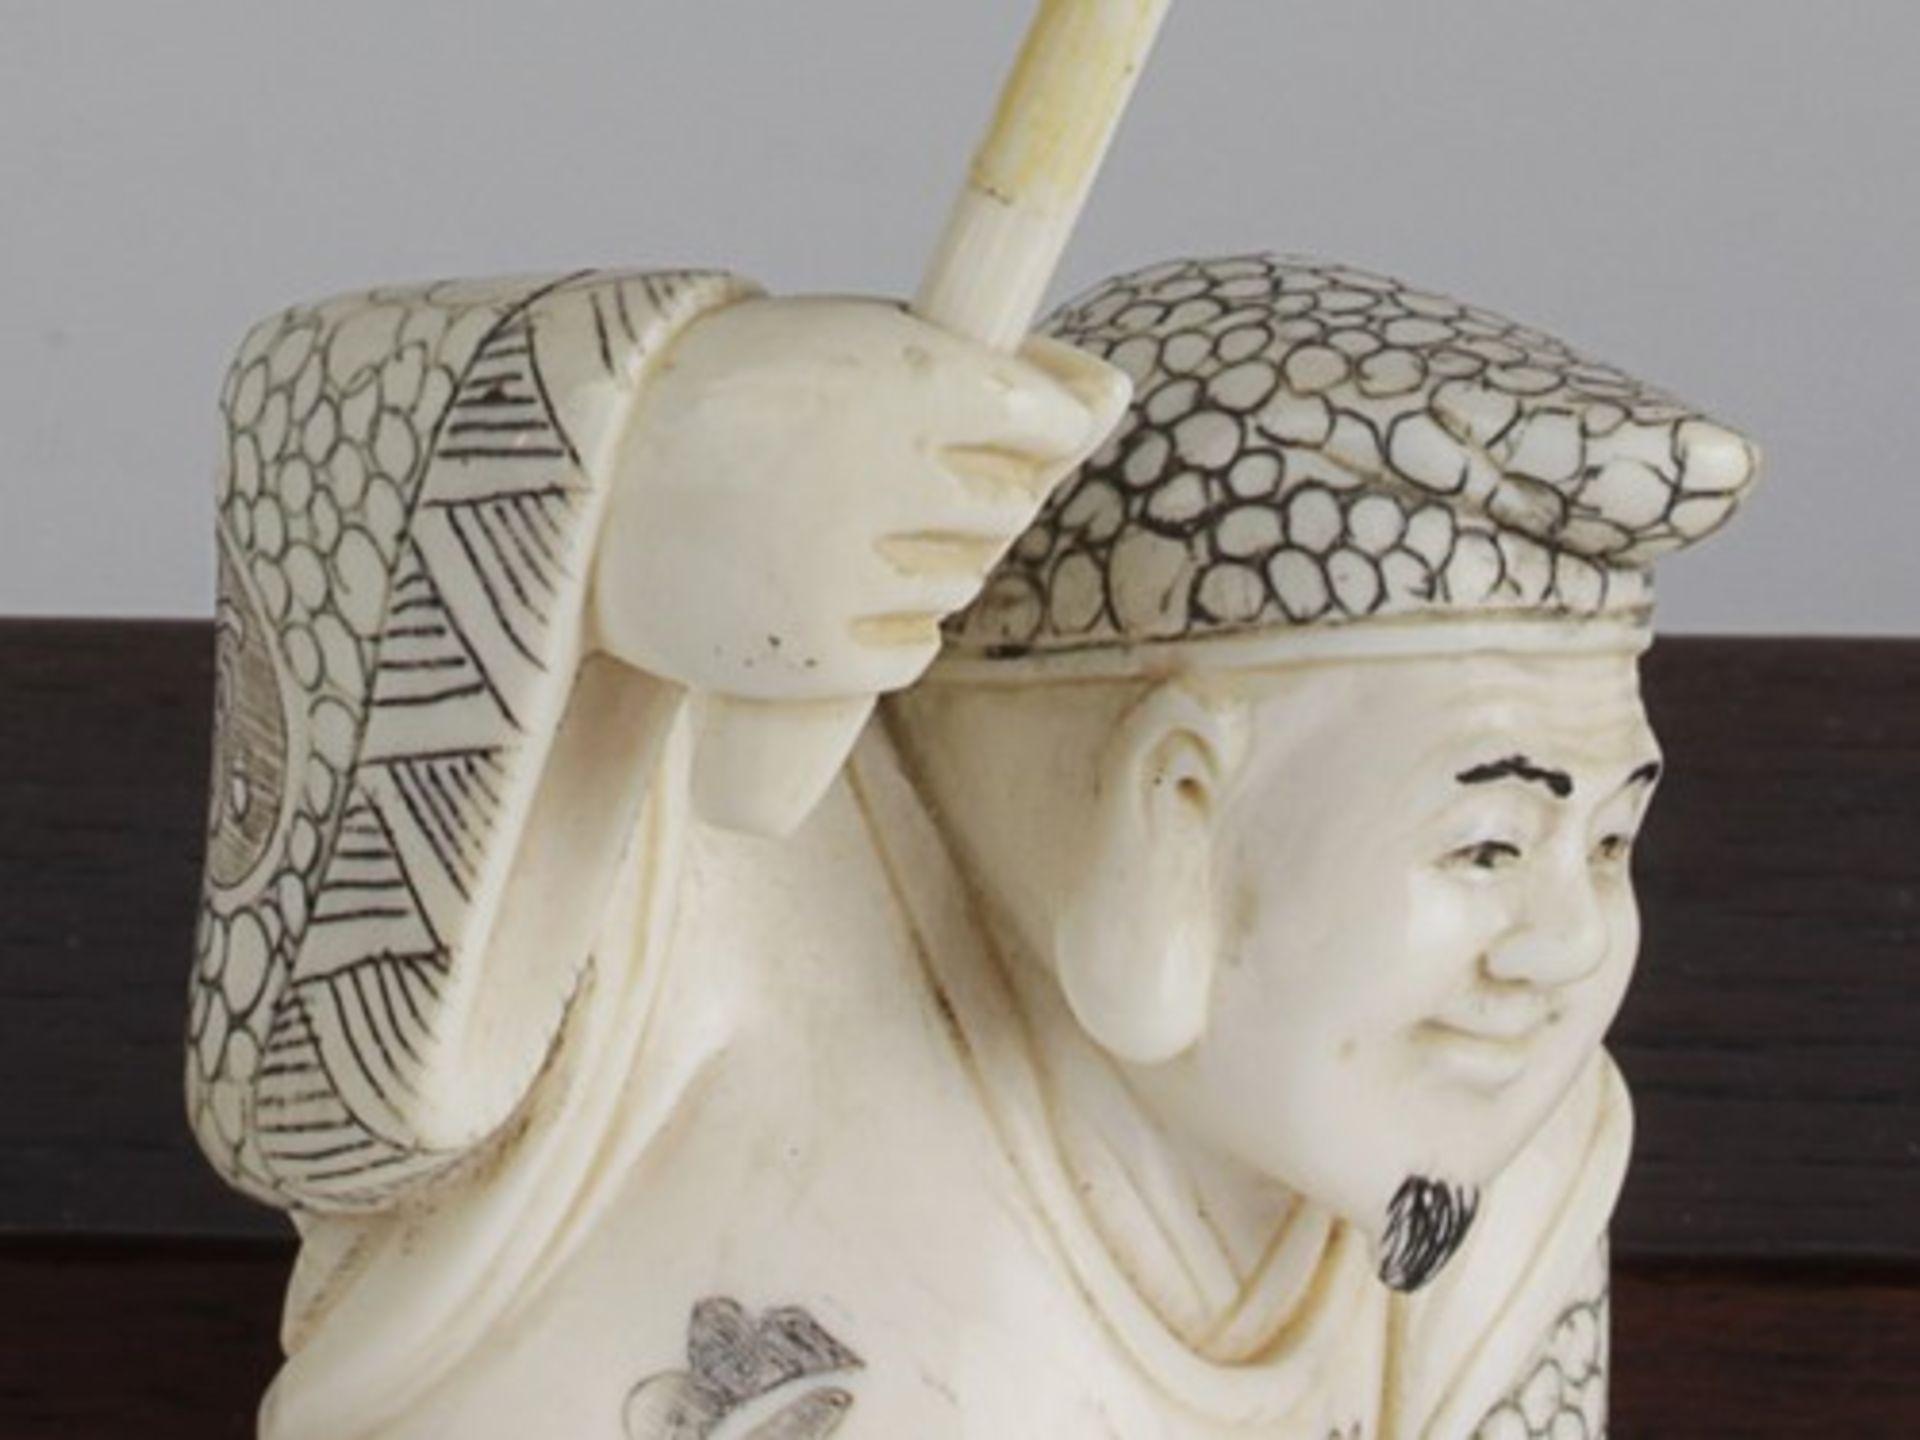 Figurengruppe - Chinaum 1920, 7x vollplastische Elfenbein-Schnitzereien, partiell geschwärzt, - Bild 14 aus 24